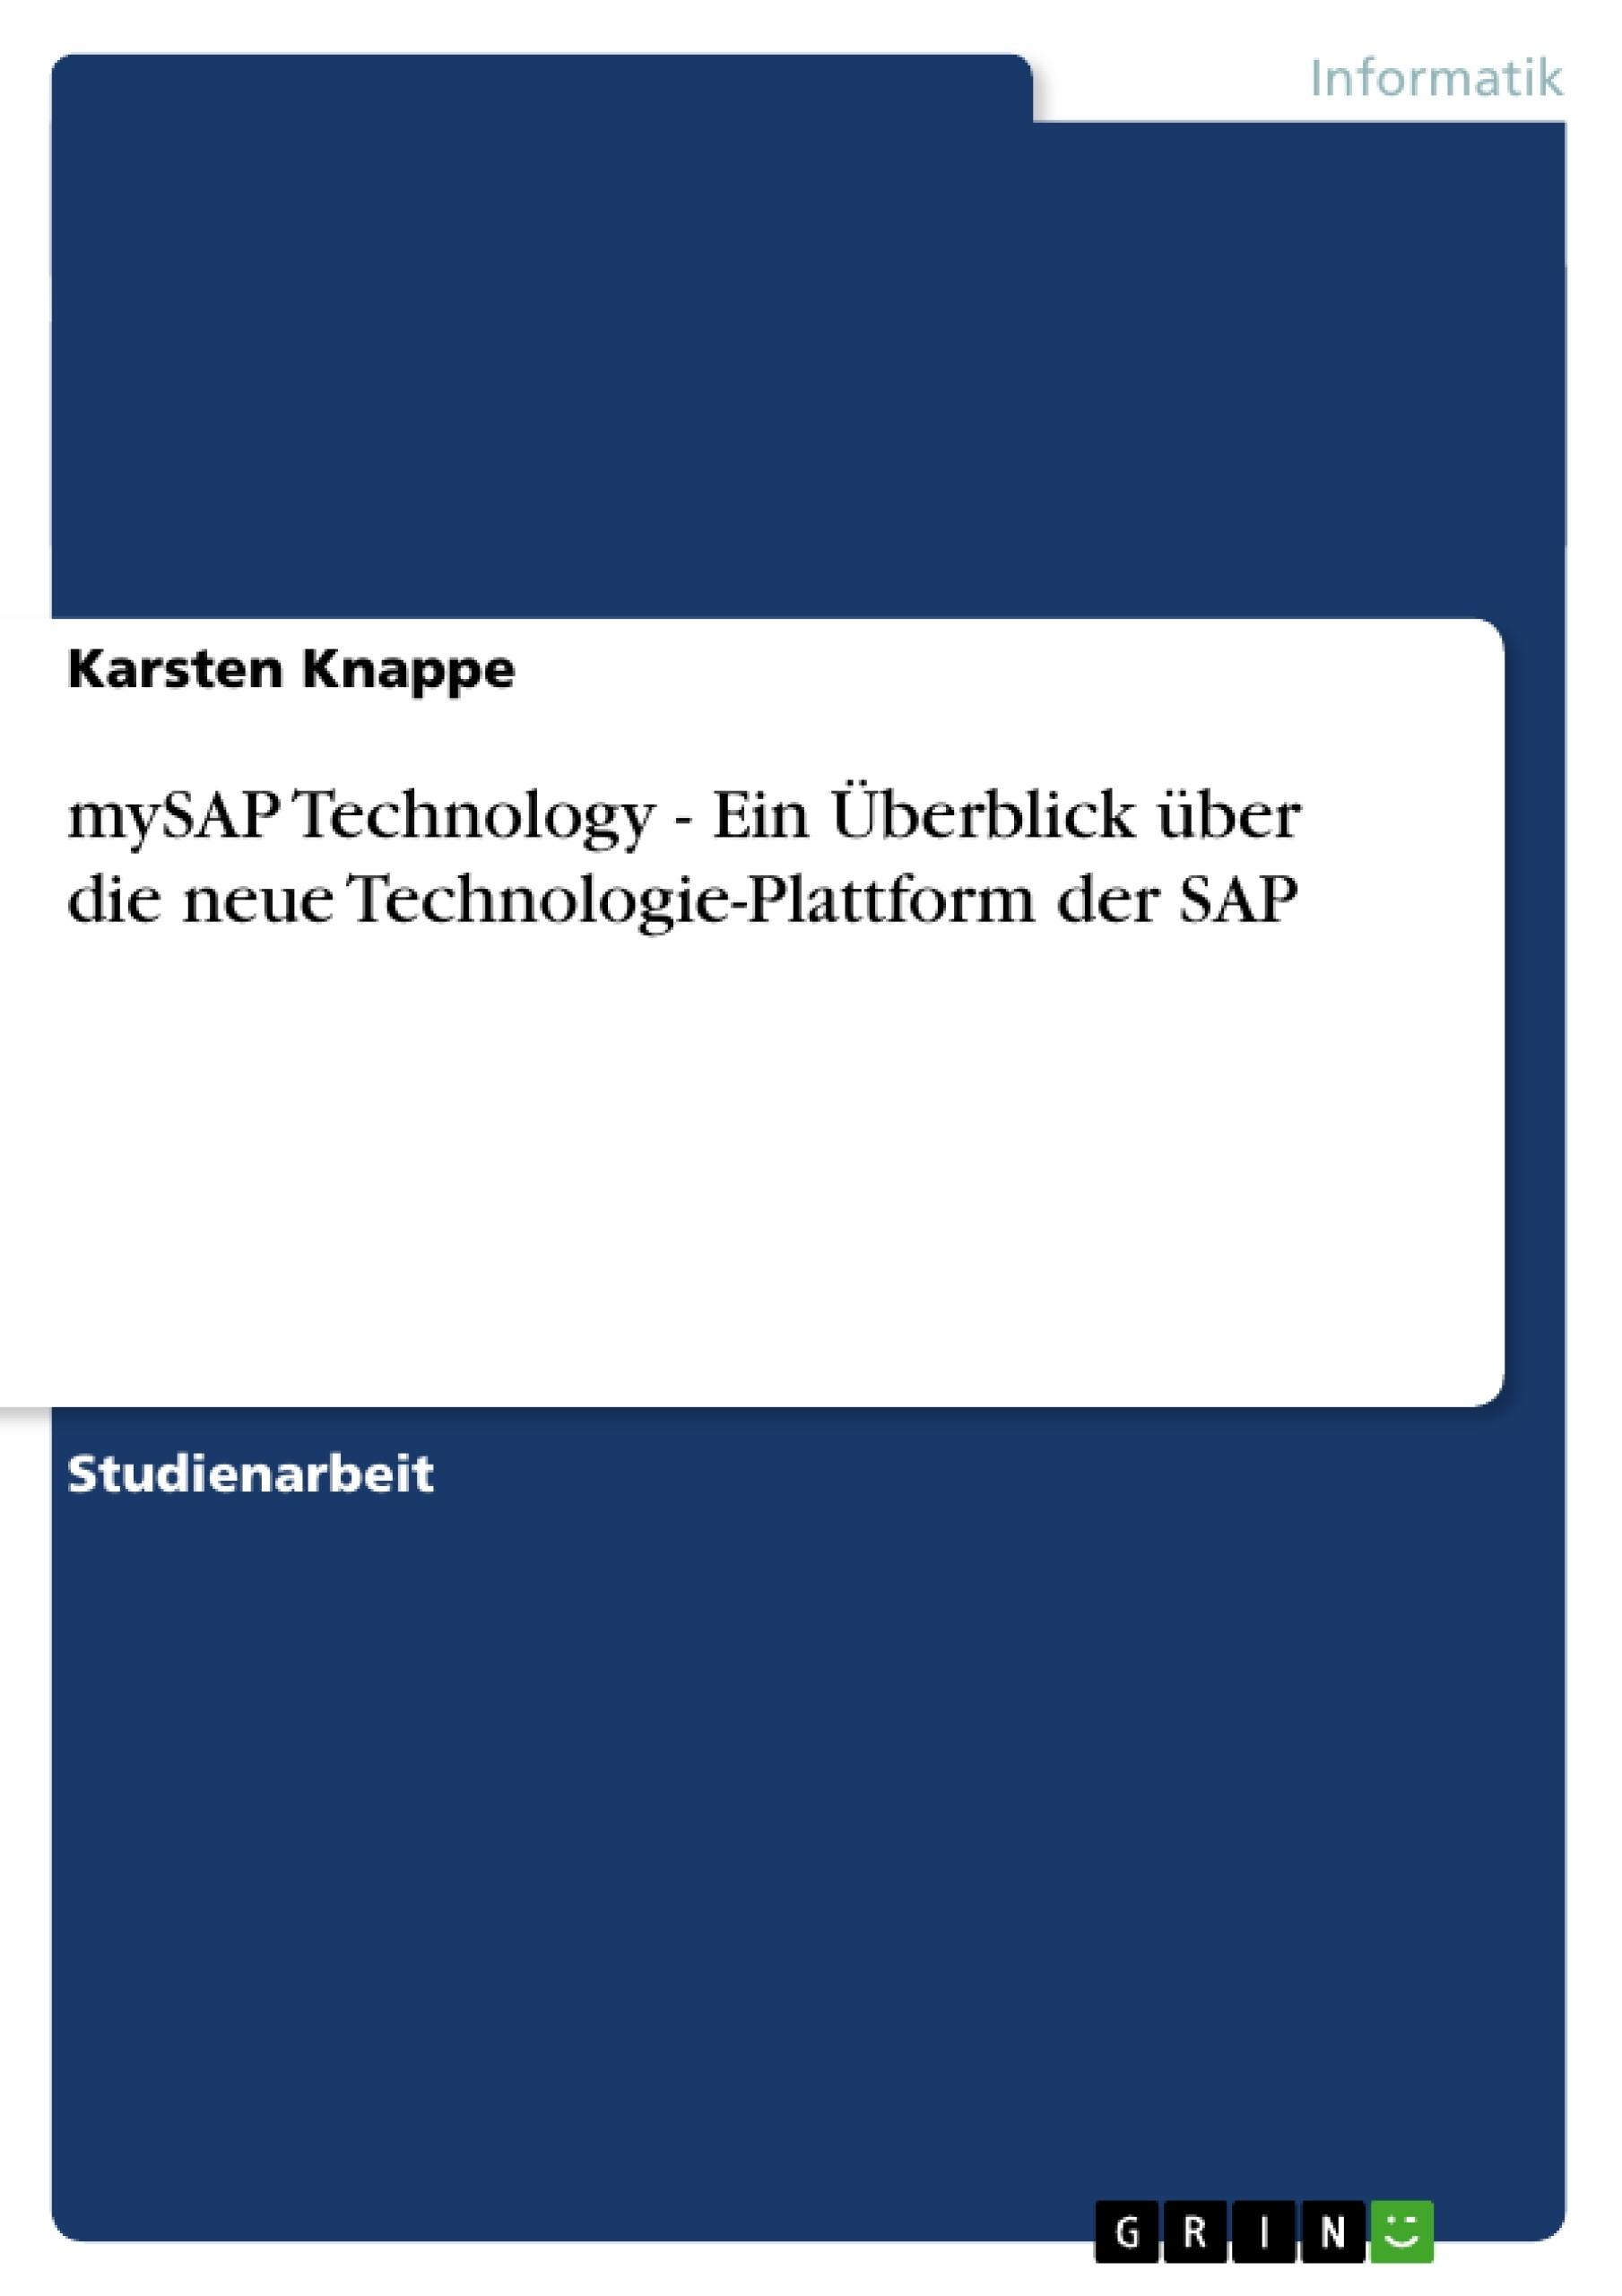 Titel: mySAP Technology - Ein Überblick über die neue Technologie-Plattform der SAP